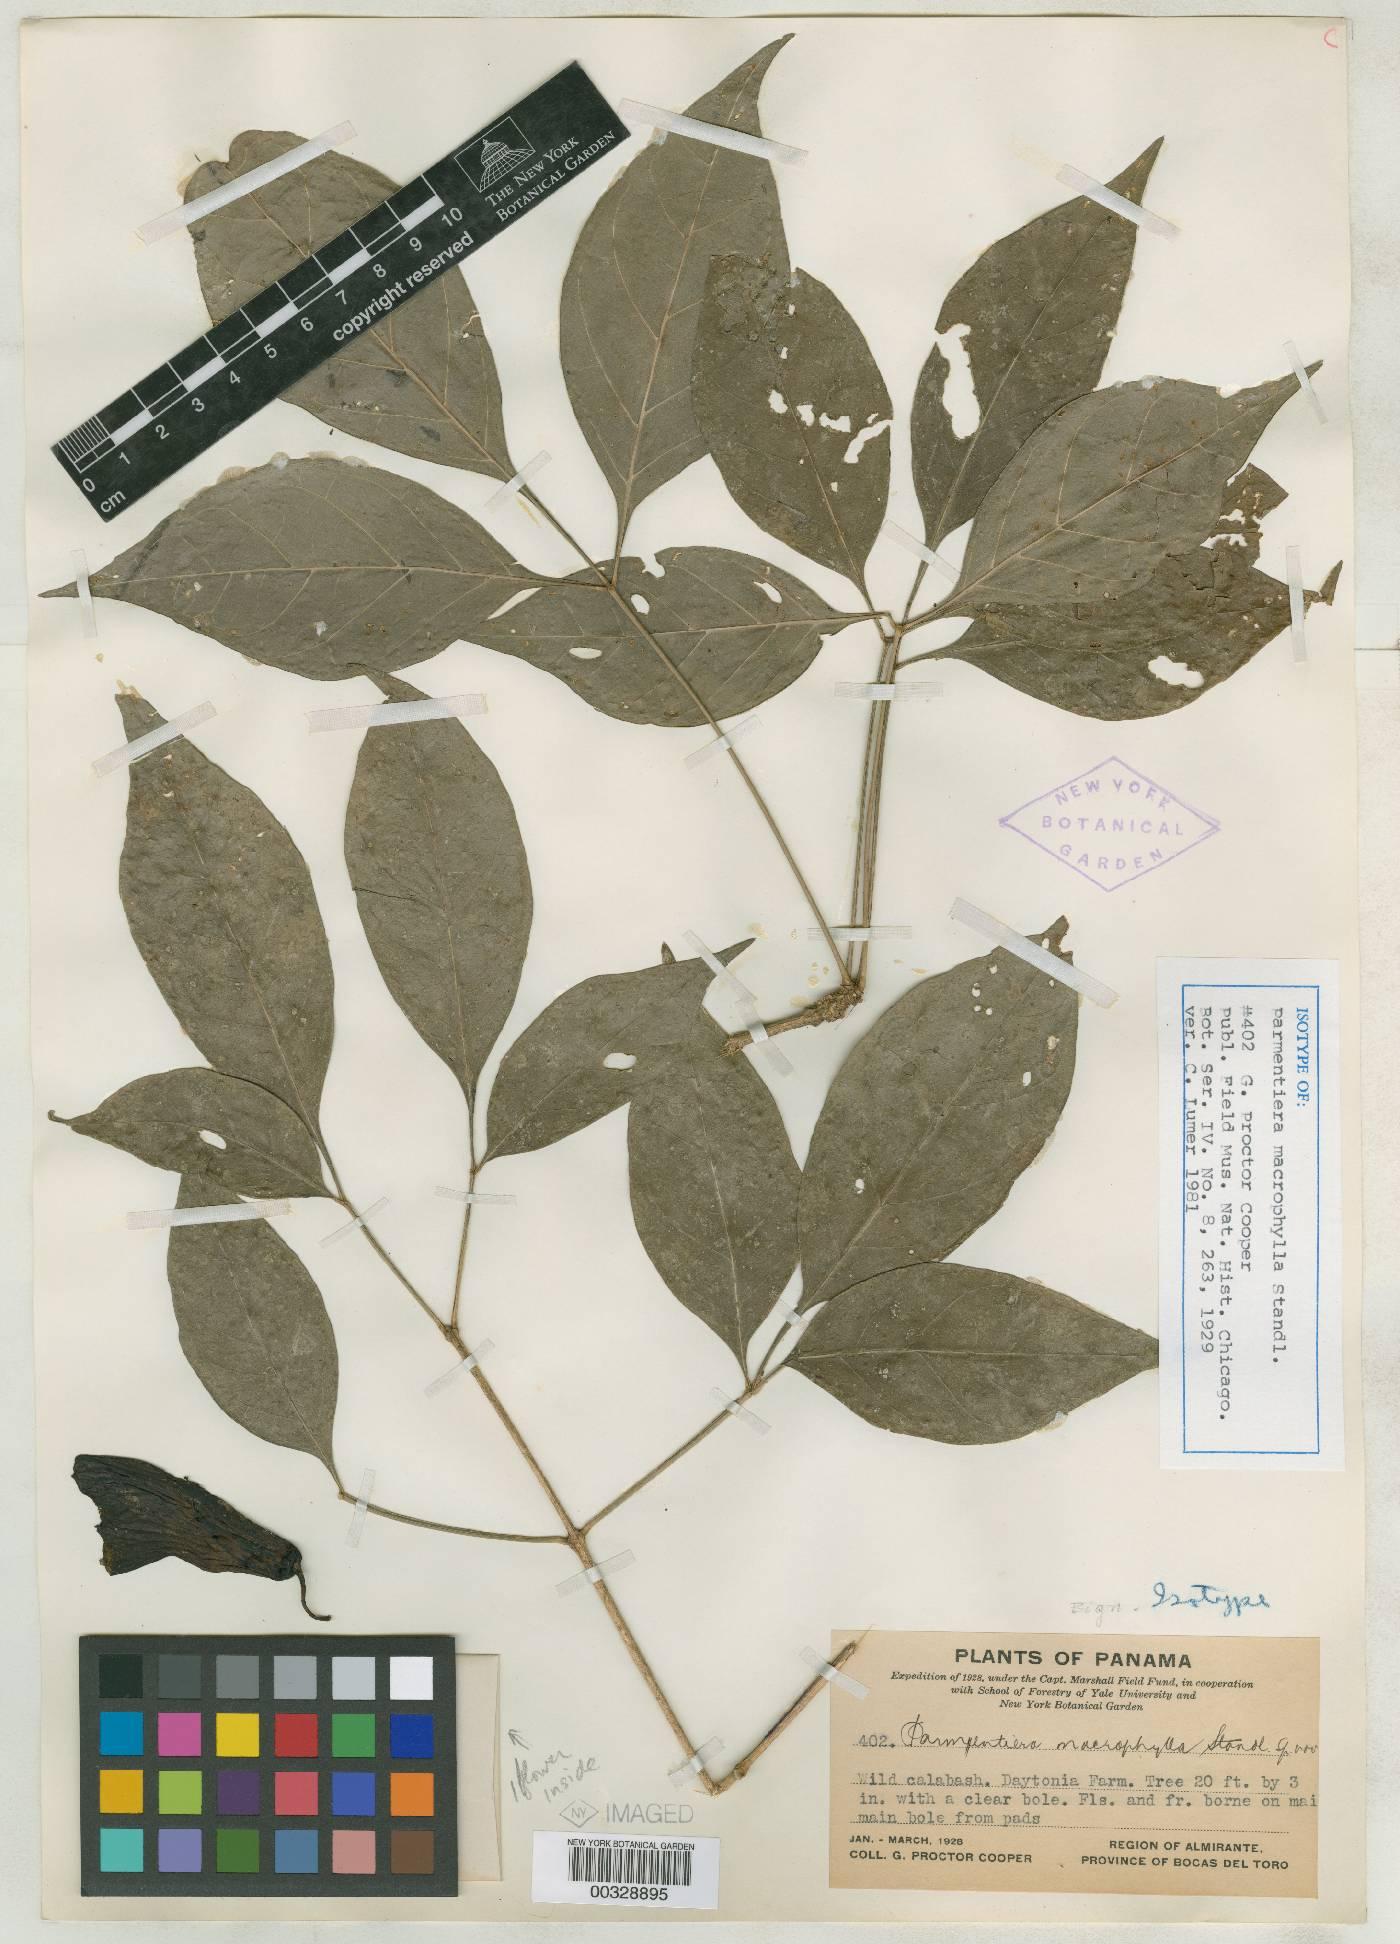 Parmentiera macrophylla image